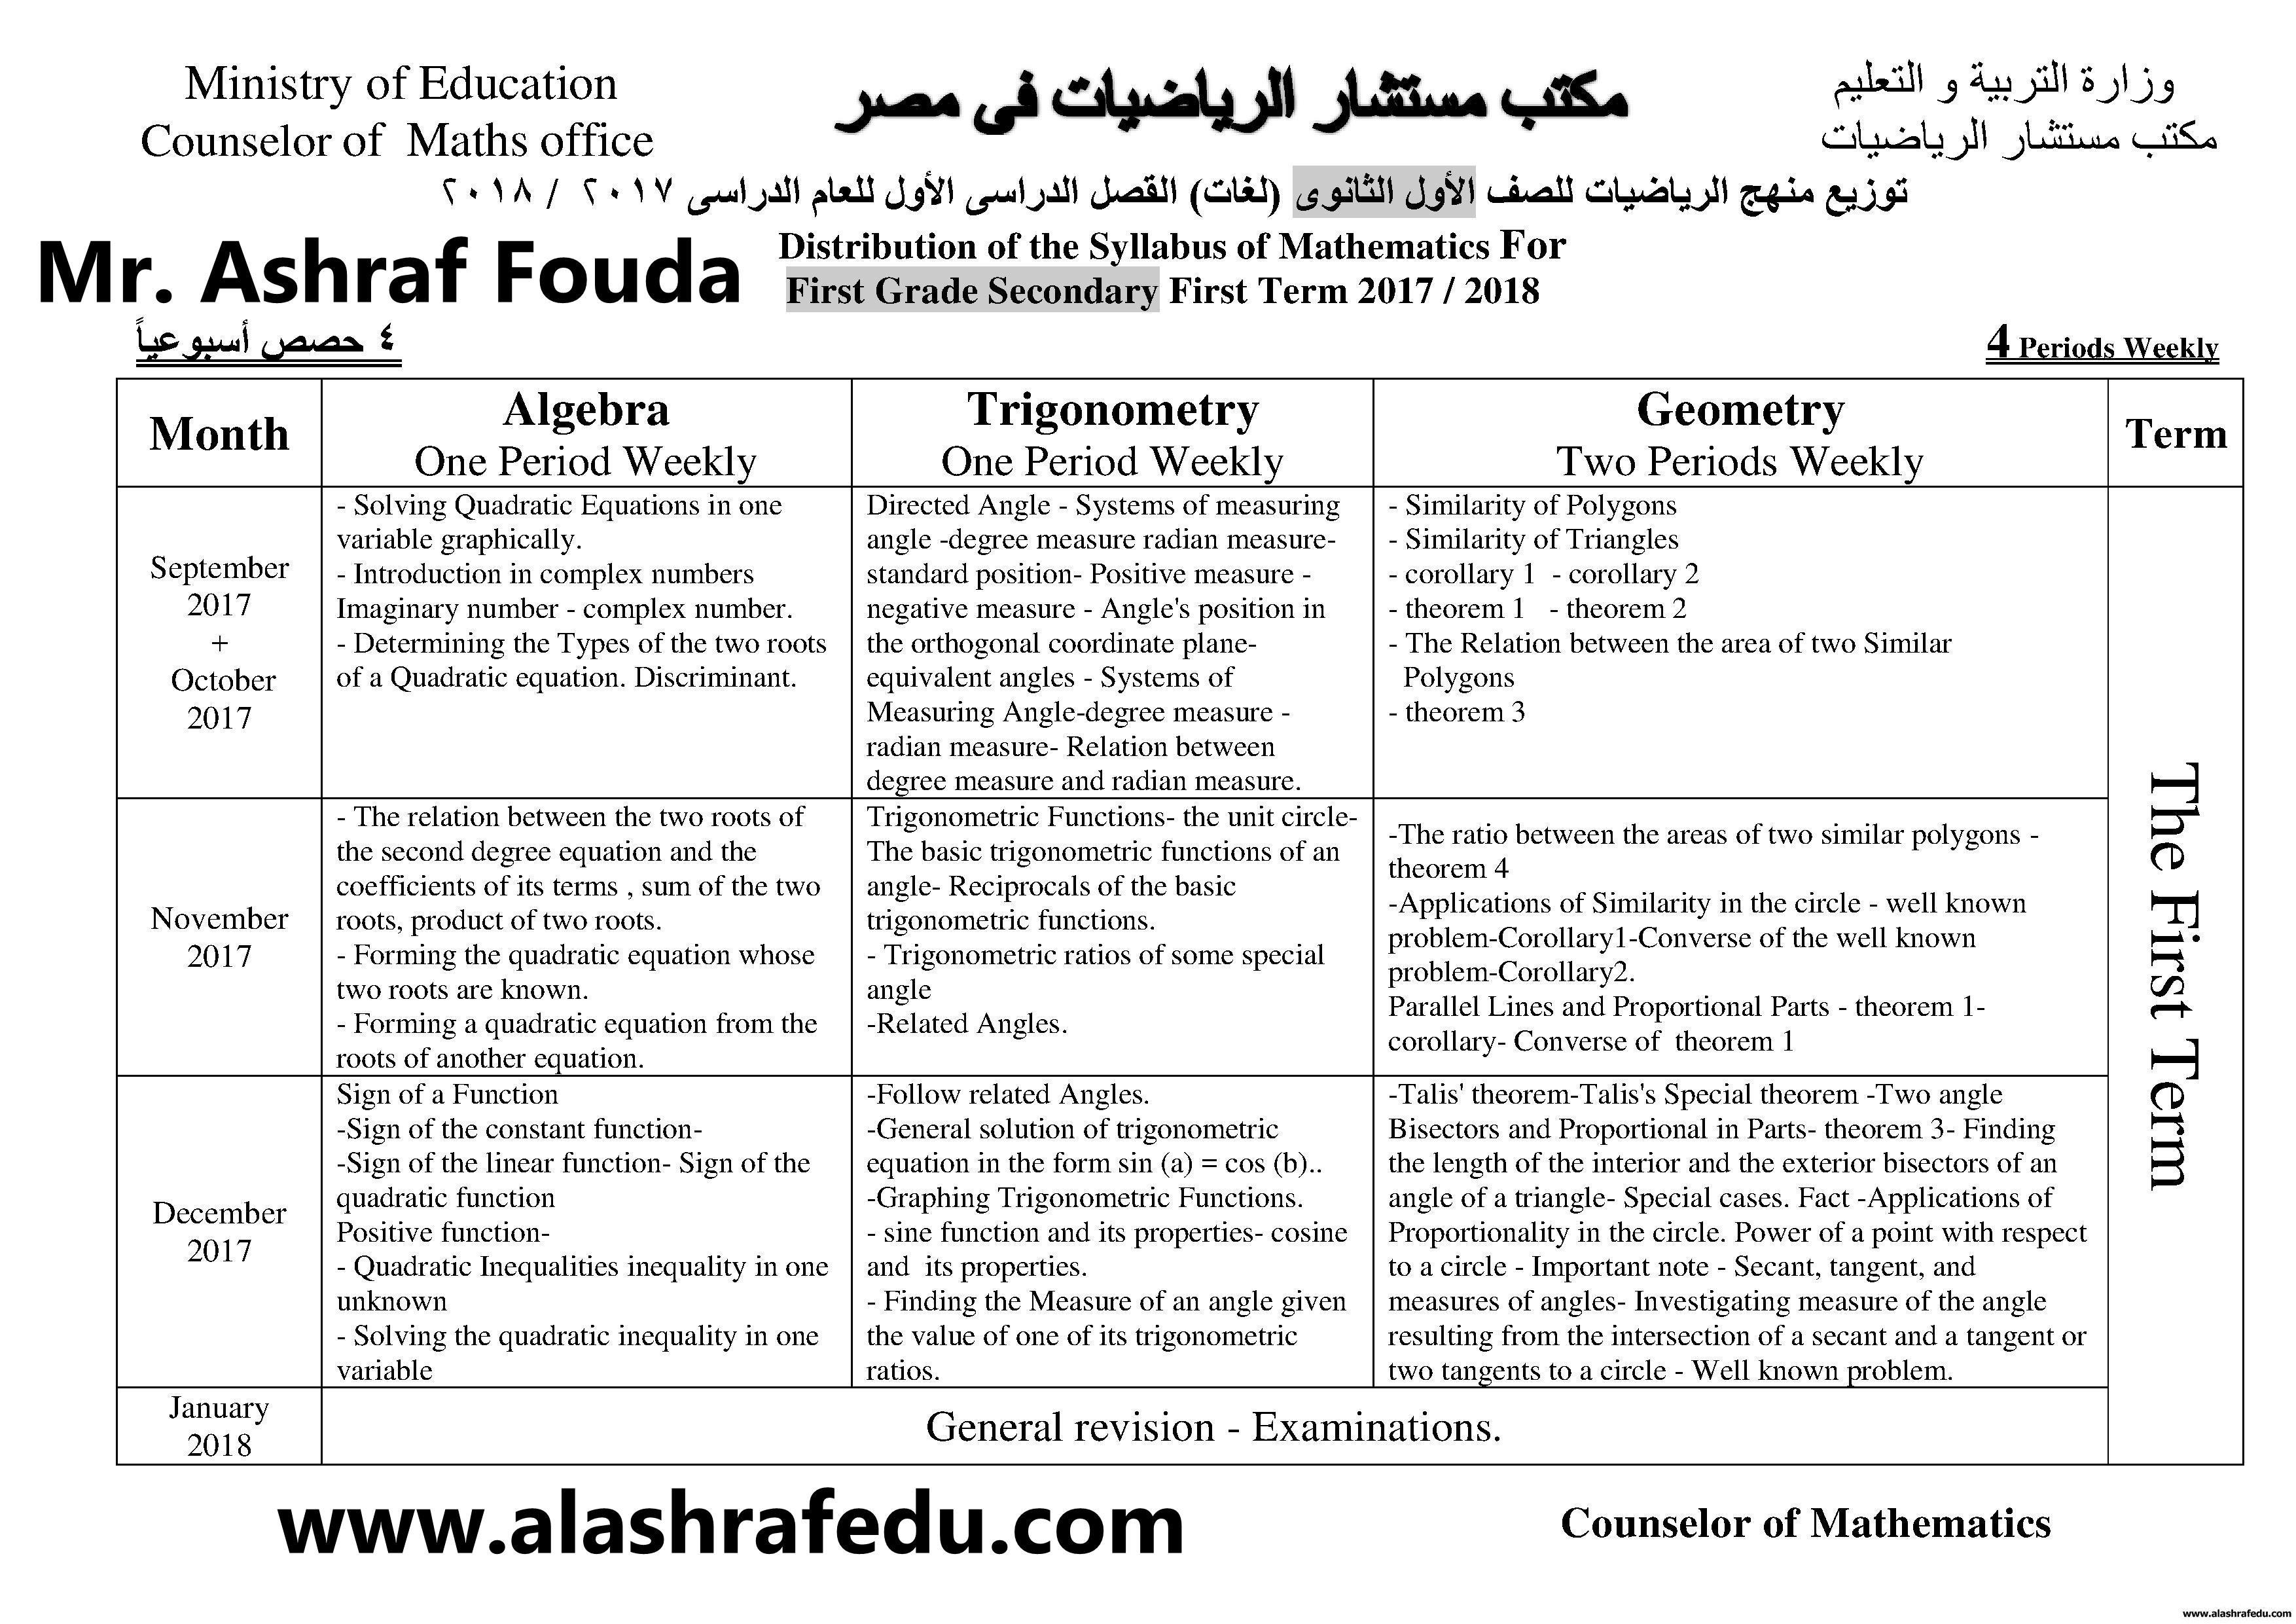 توزيع منهج الرياضيات لغات 2018 الأول الثانوى www.alashrafedu.com1